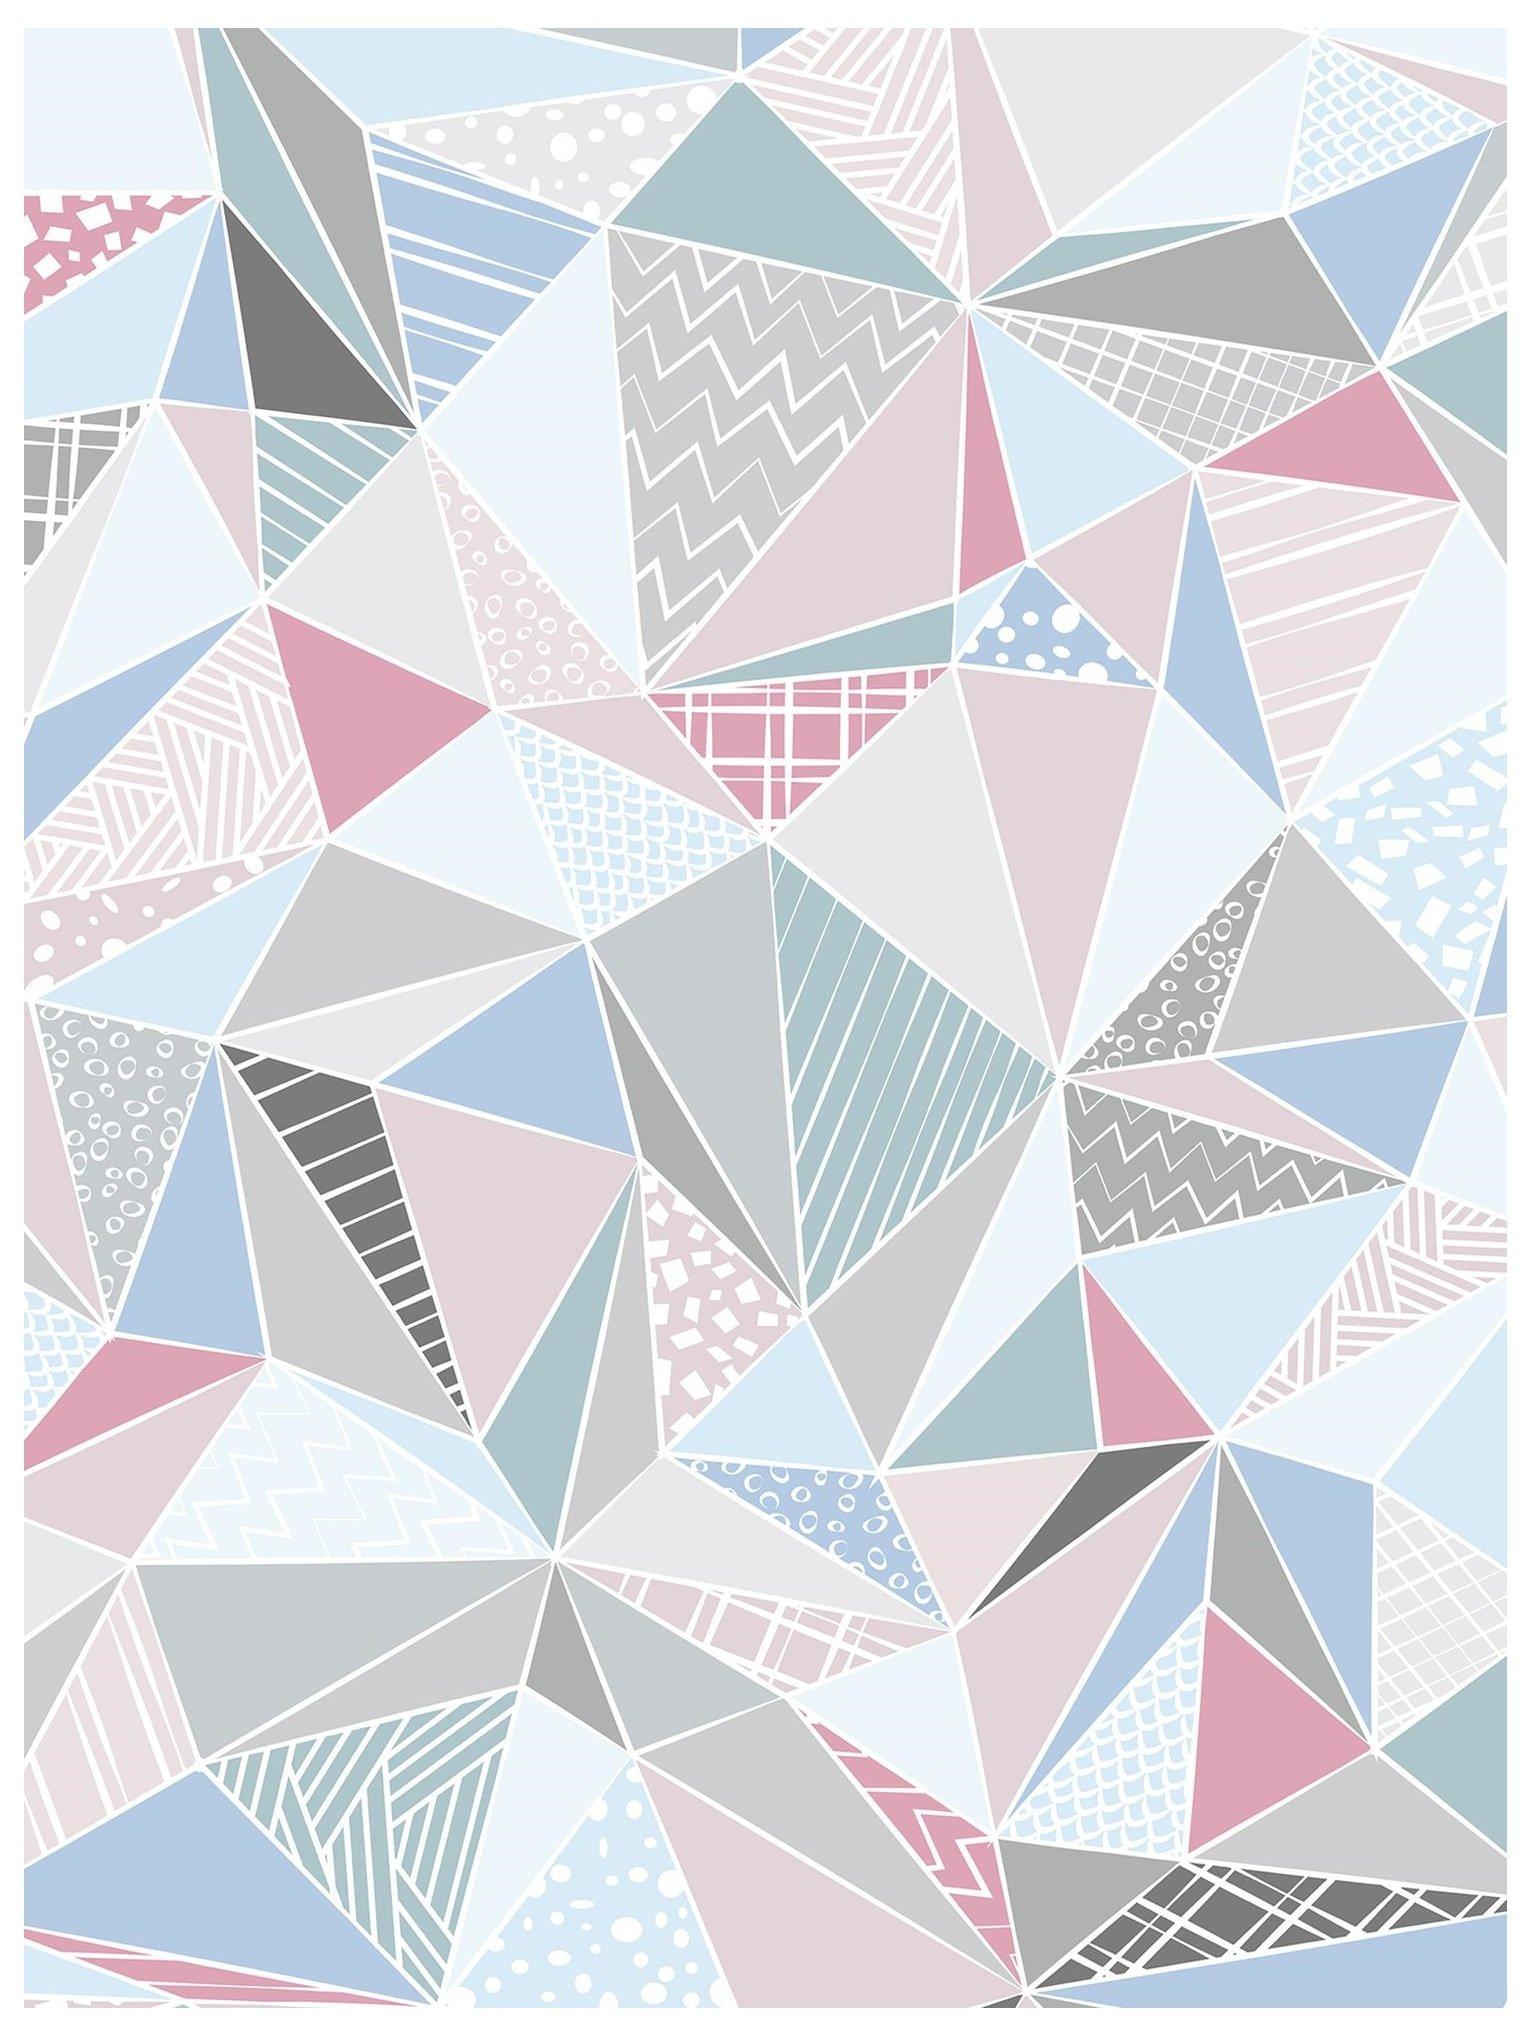 Fototapeta 3D trójkąty bryły fototapety